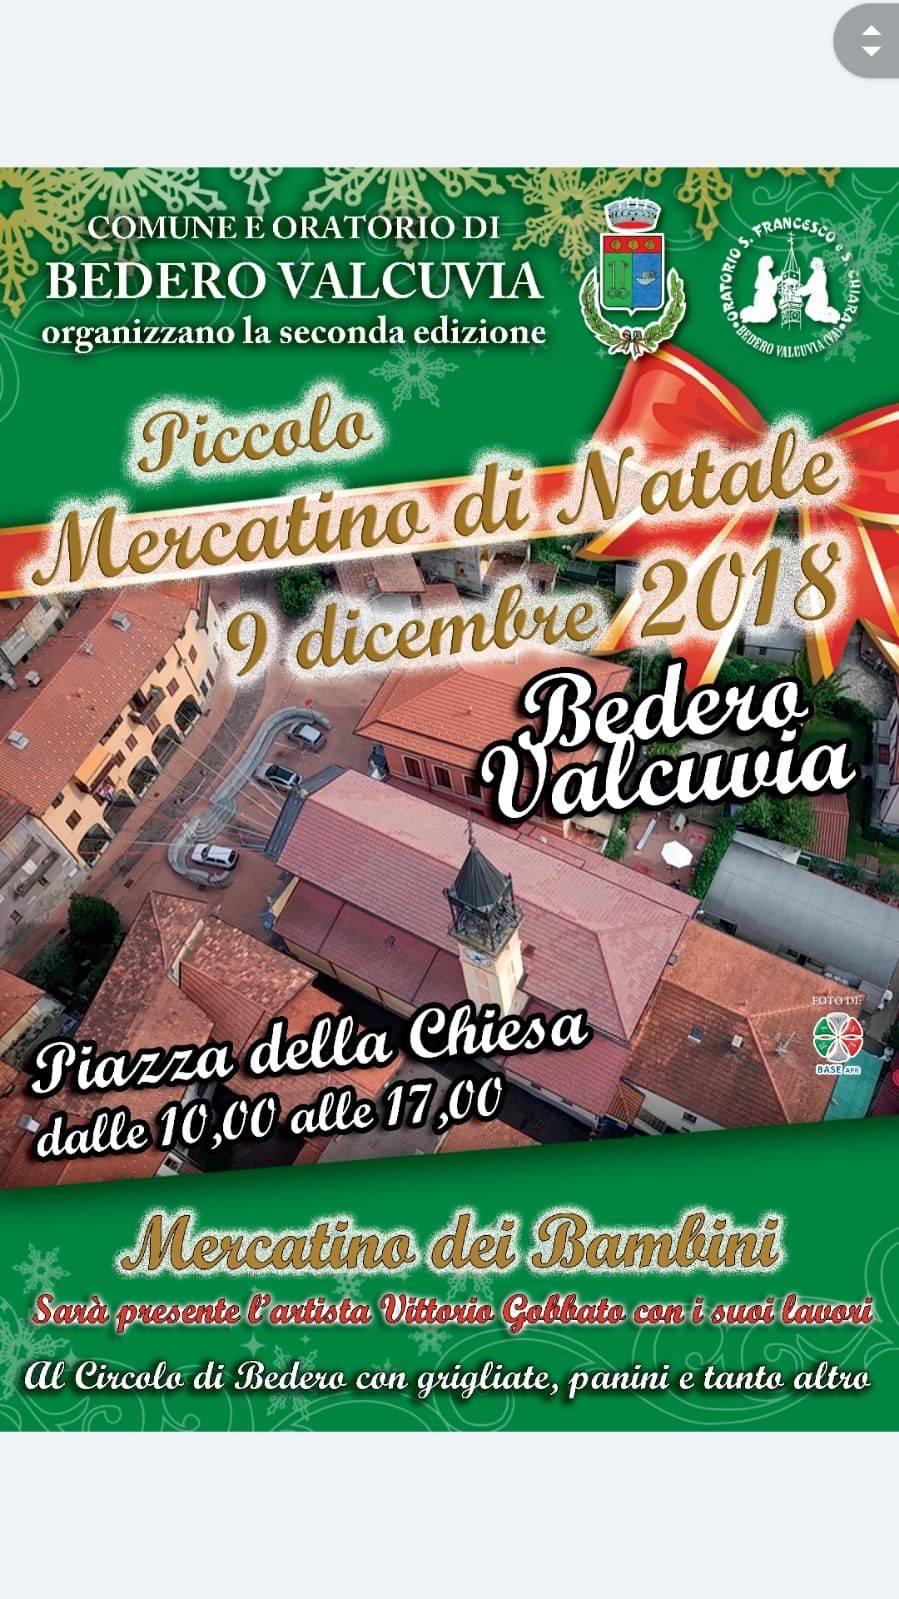 Mercatino di Natale a Bedero Valcuvia